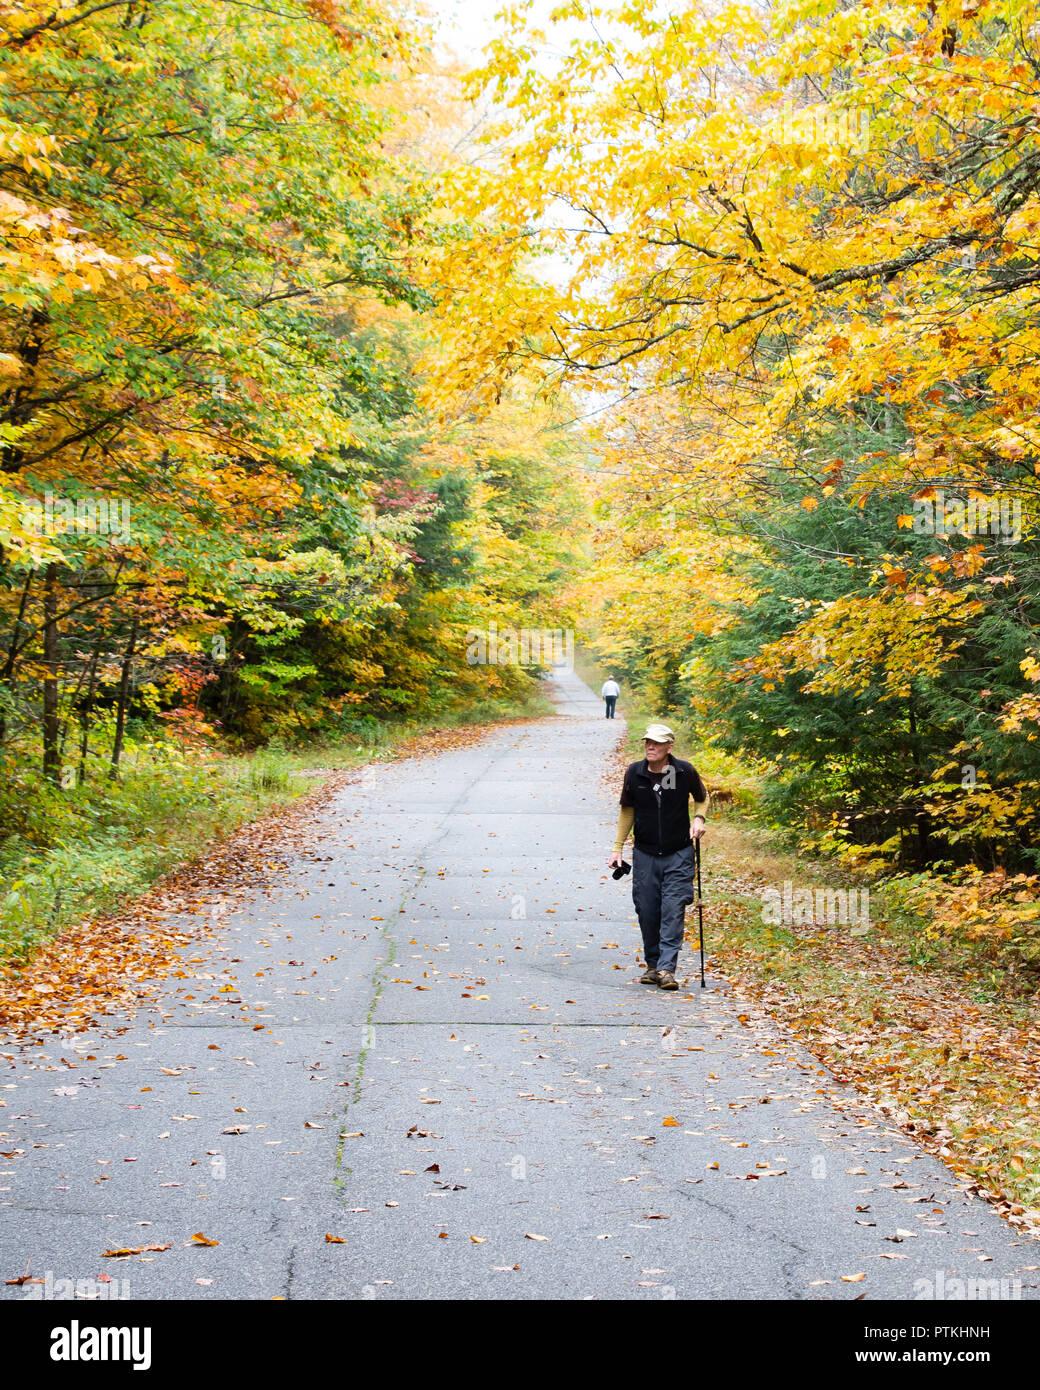 Due uomini anziani a camminare su una strada abbandonata nelle Montagne Adirondack, NY USA deserto colorato con la caduta delle foglie. Immagini Stock